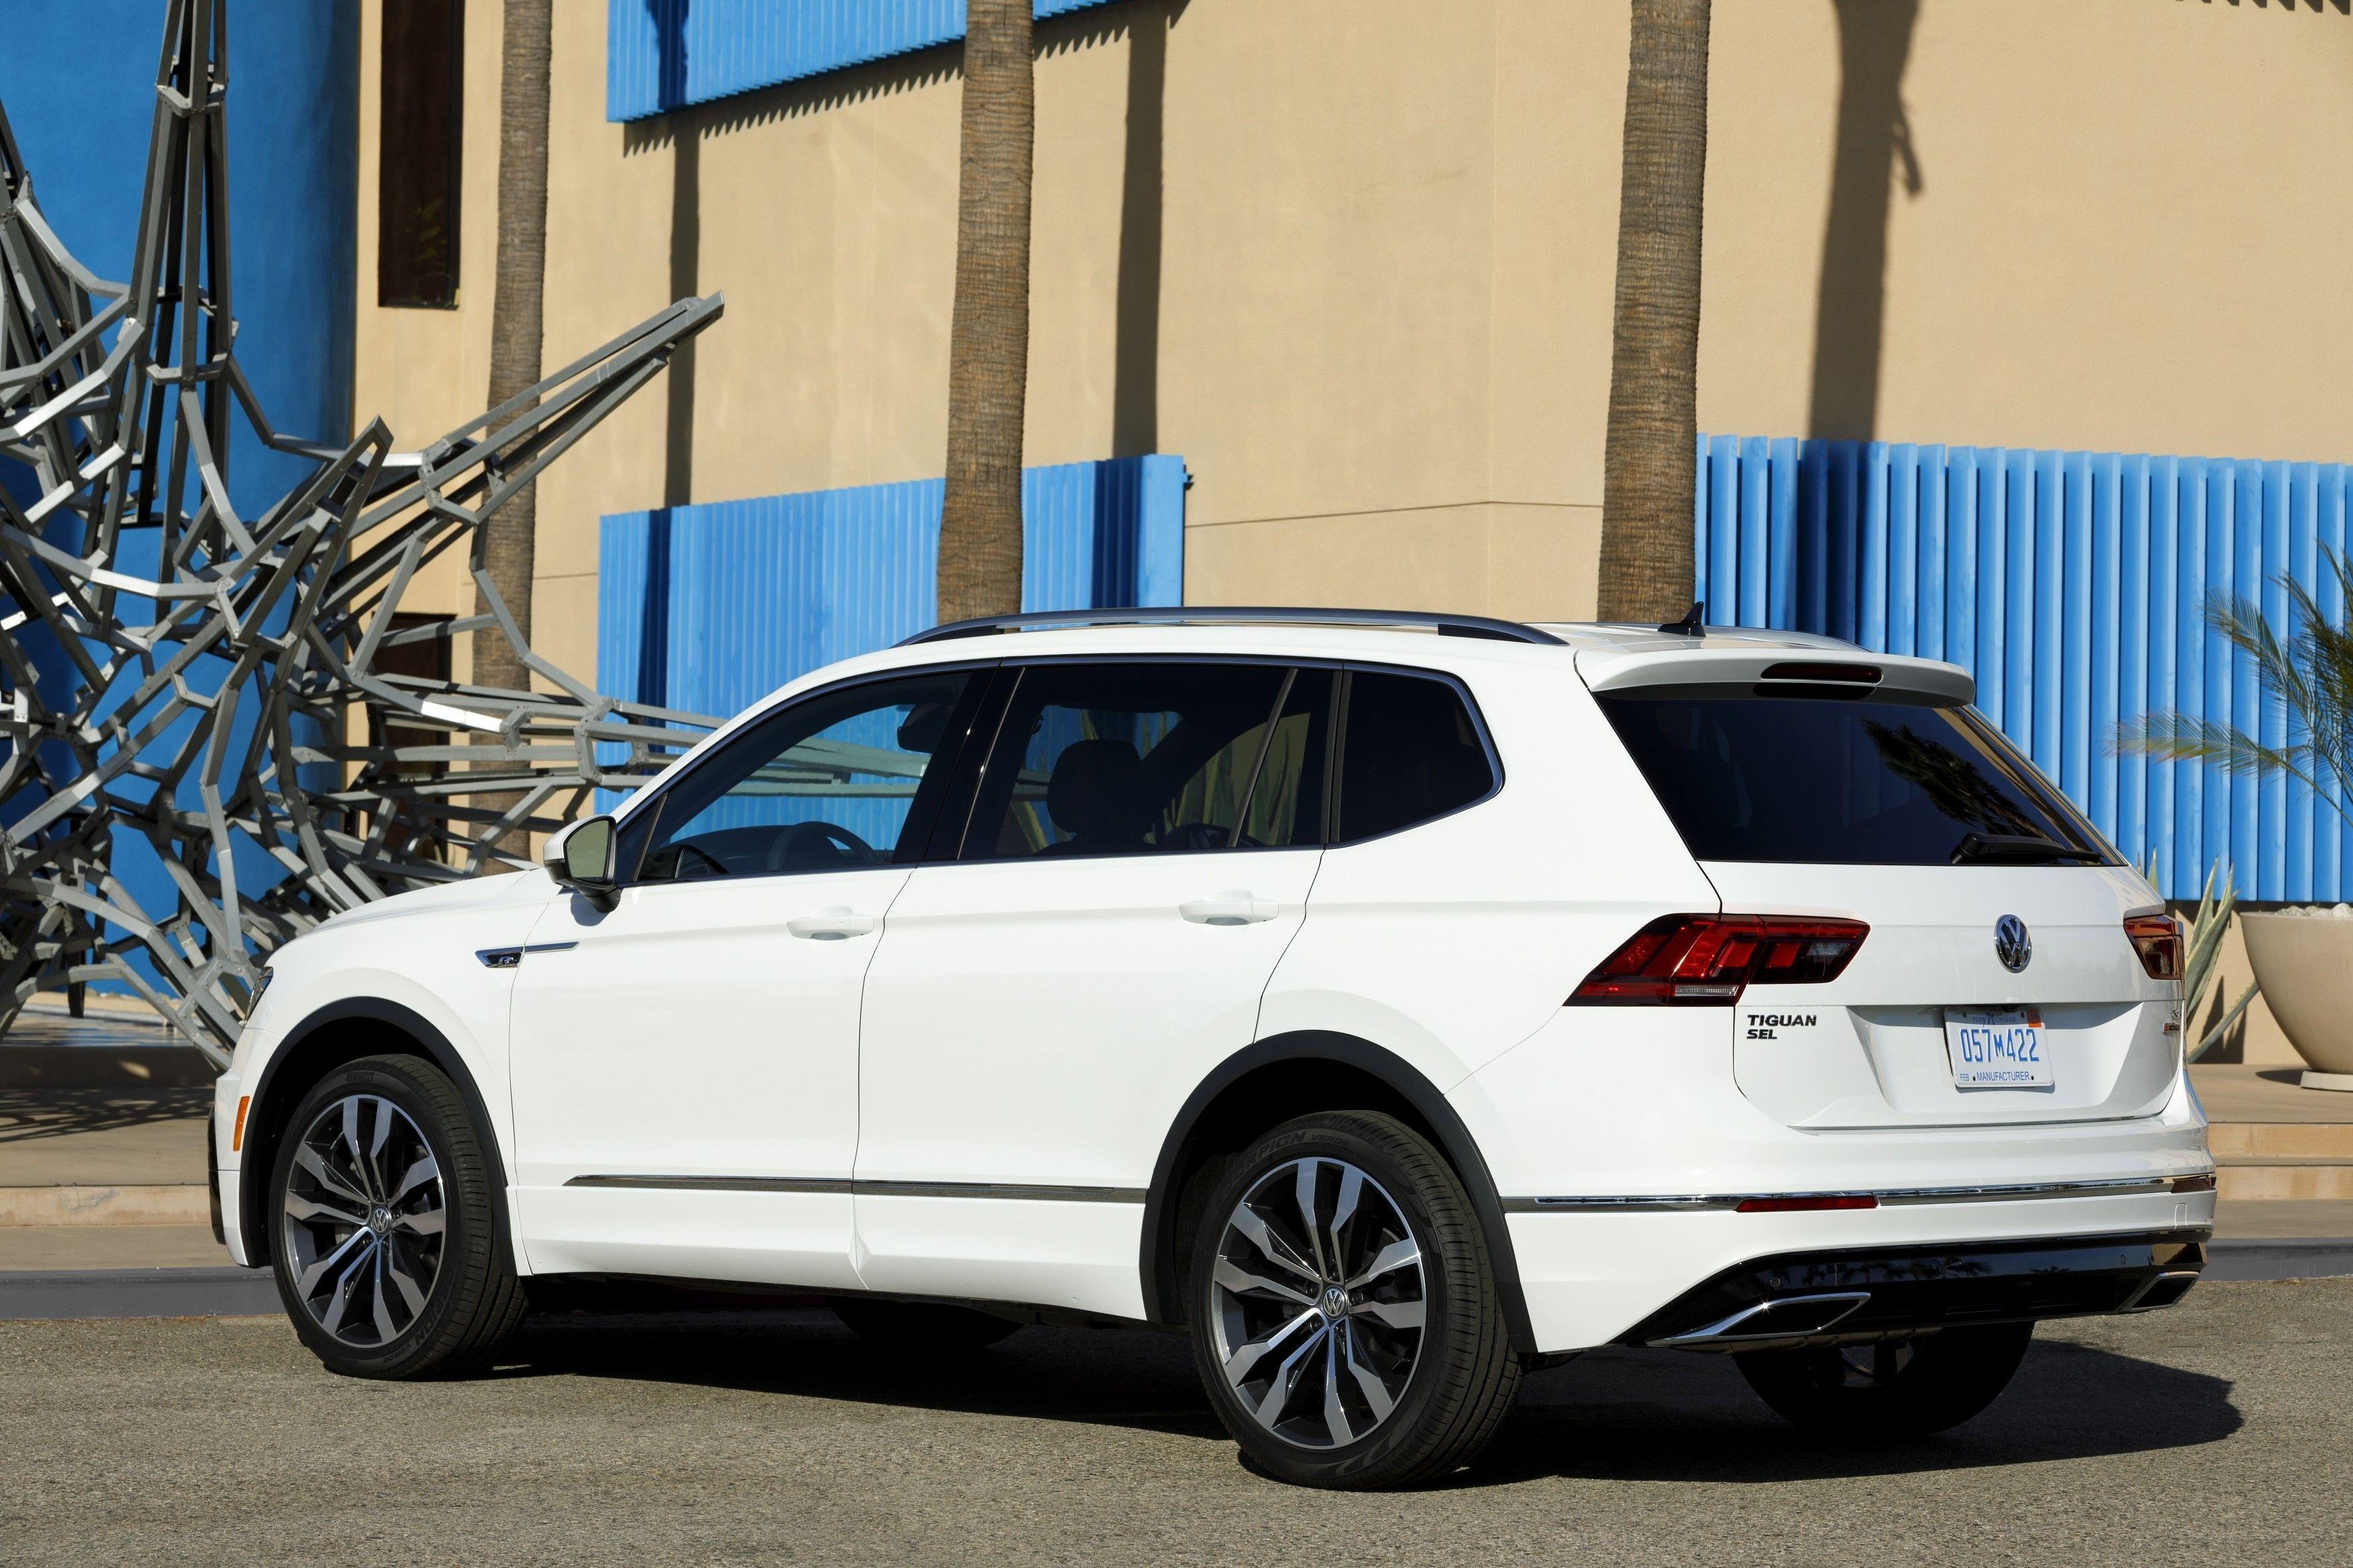 Best 2019 Volkswagen Tiguan Sel Release Date And Specs